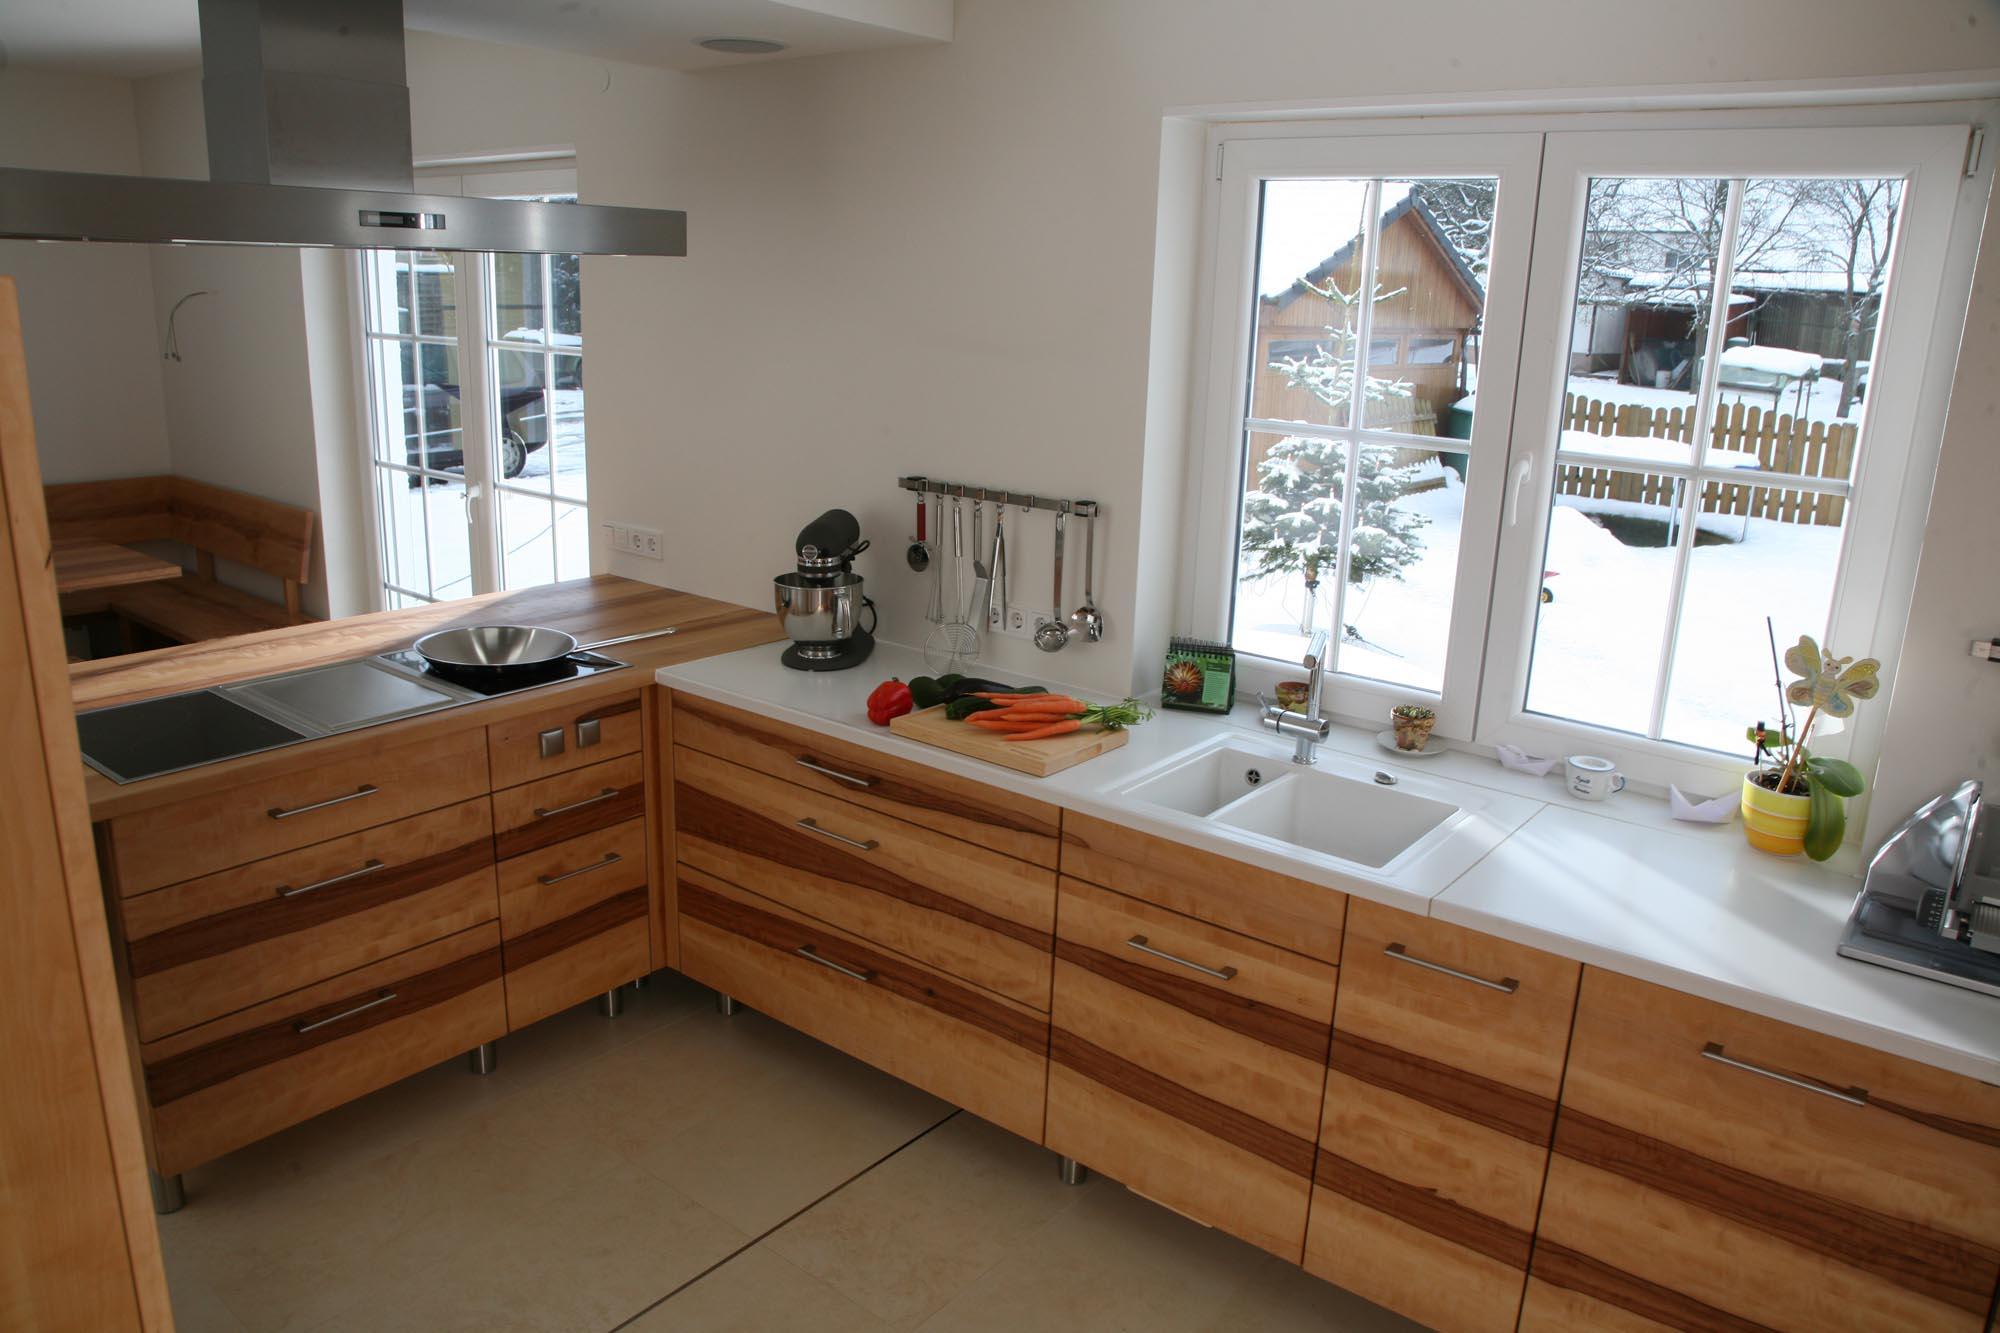 Keramikplatte küche  Massivholzküchen, Vollholzküche, Designküche, Holzküche aus Buche ...